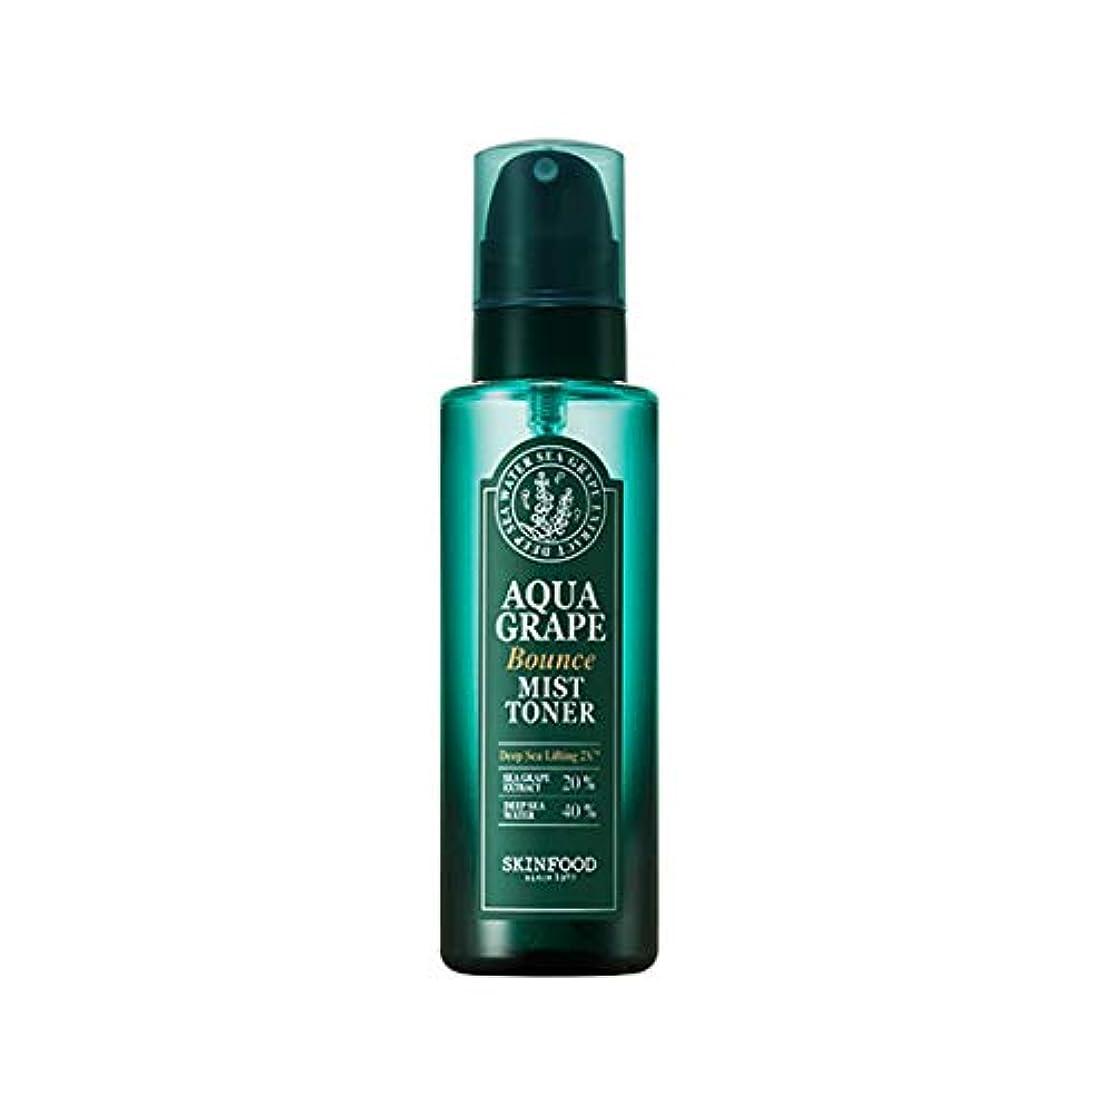 Skinfood アクアグレープバウンスミストトナー/Aqua Grape Bounce Mist Toner 155ml [並行輸入品]